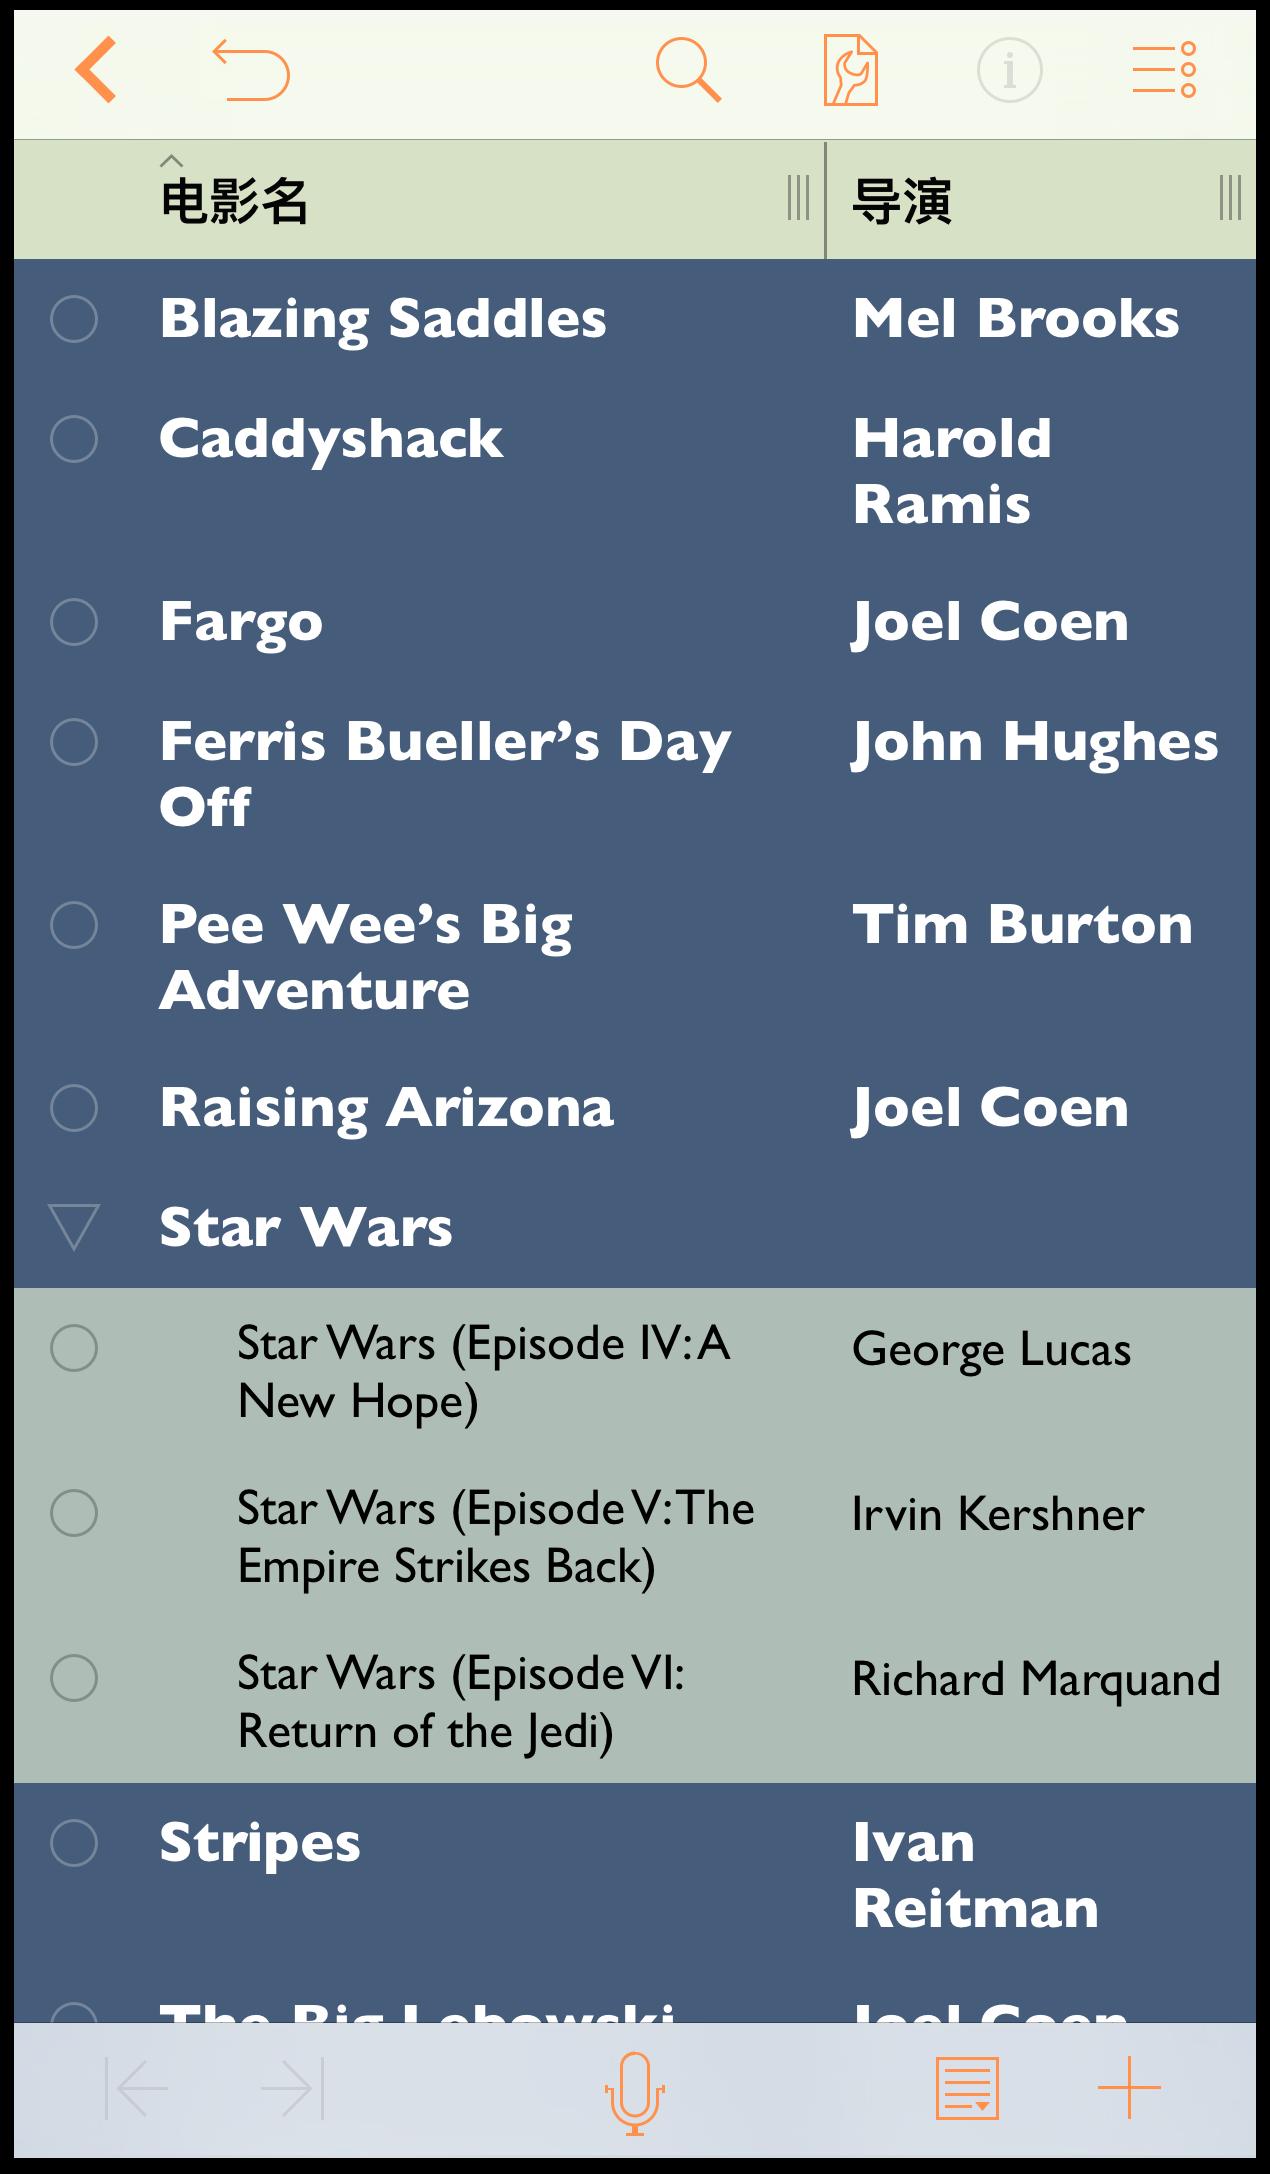 """应用了""""绿色和蓝色层级""""模板的最喜爱电影列表"""